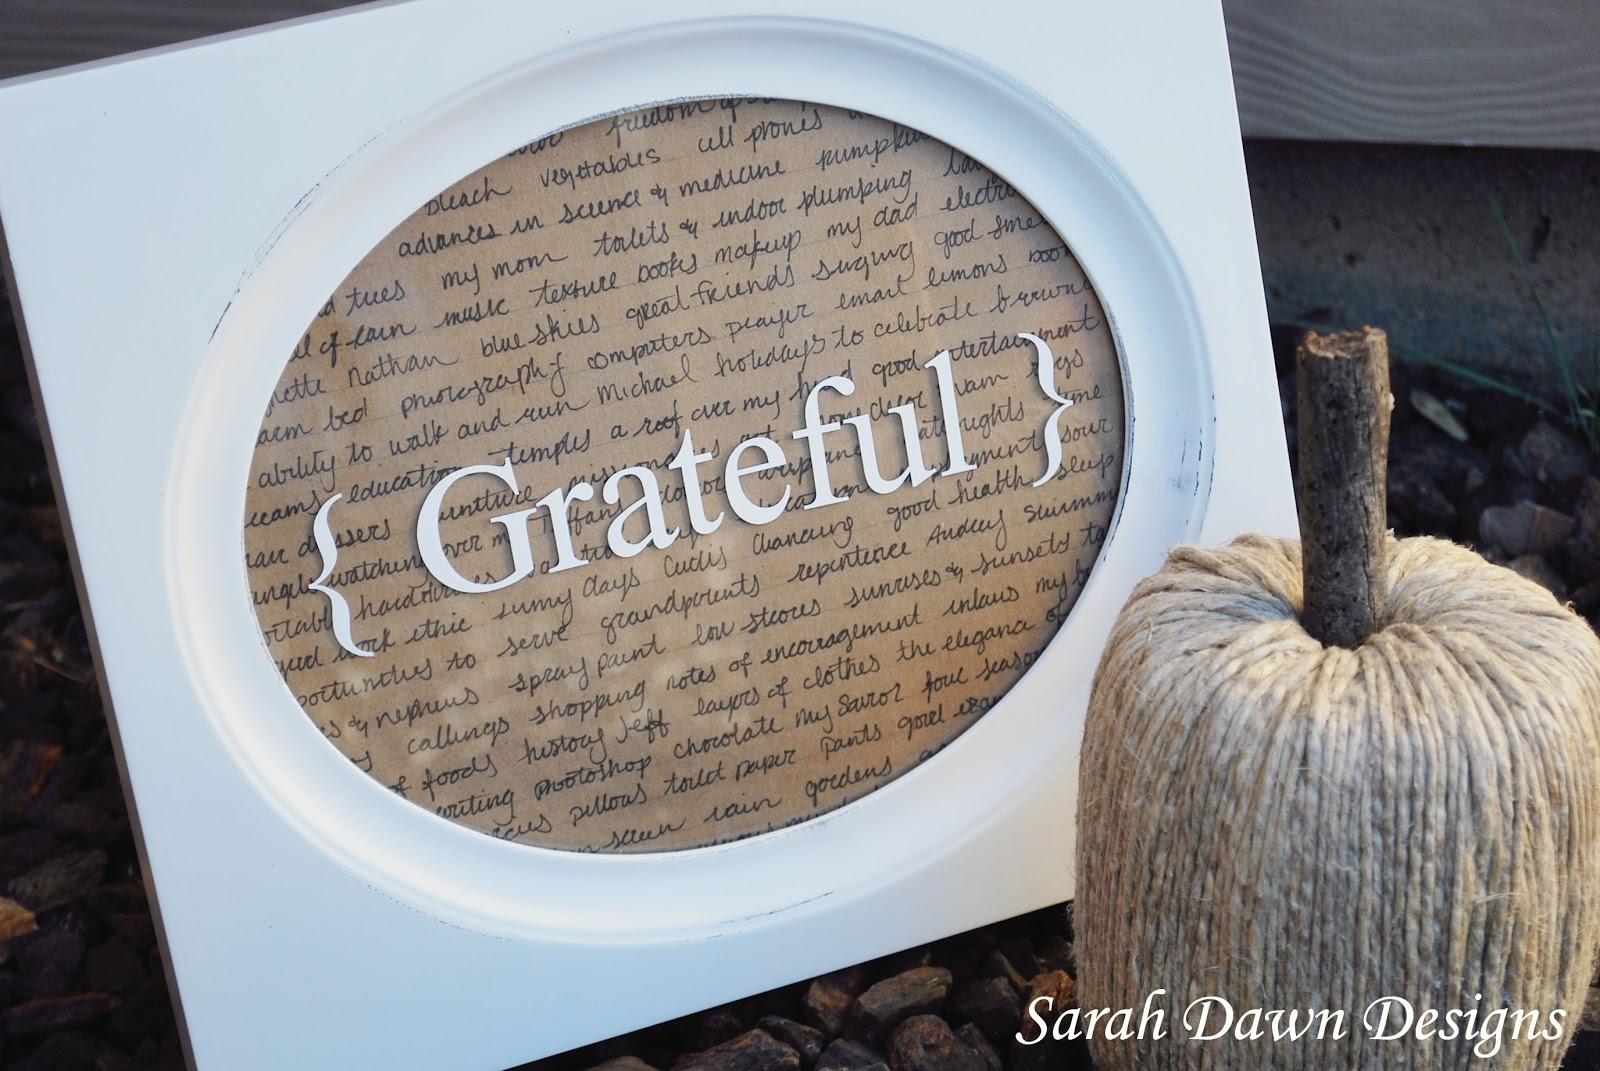 Sarah Dawn Designs: Attitude of Gratitude Frame